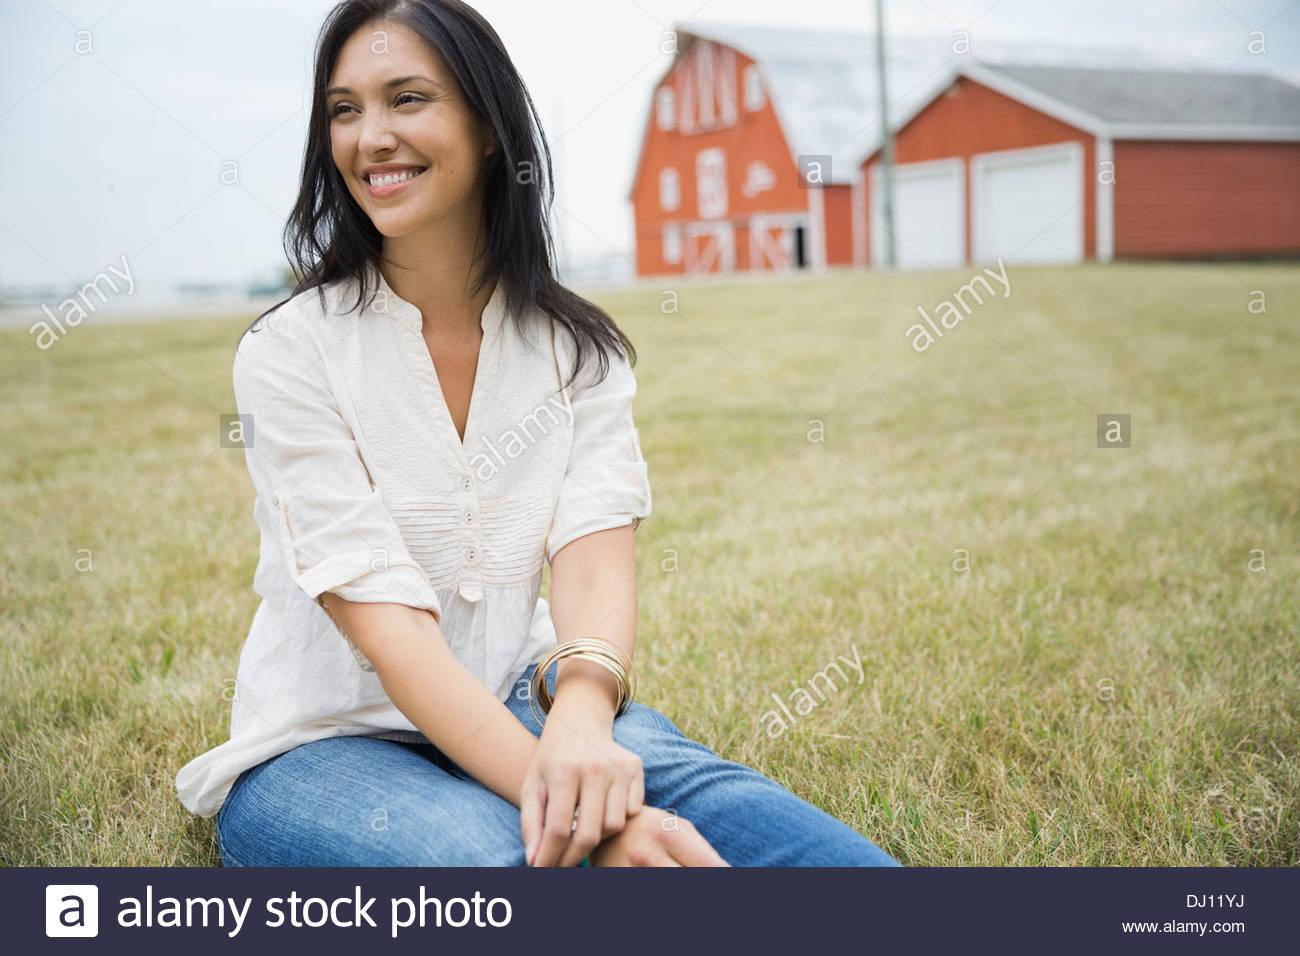 Lächelnde Frau sitzen im freien Stockbild